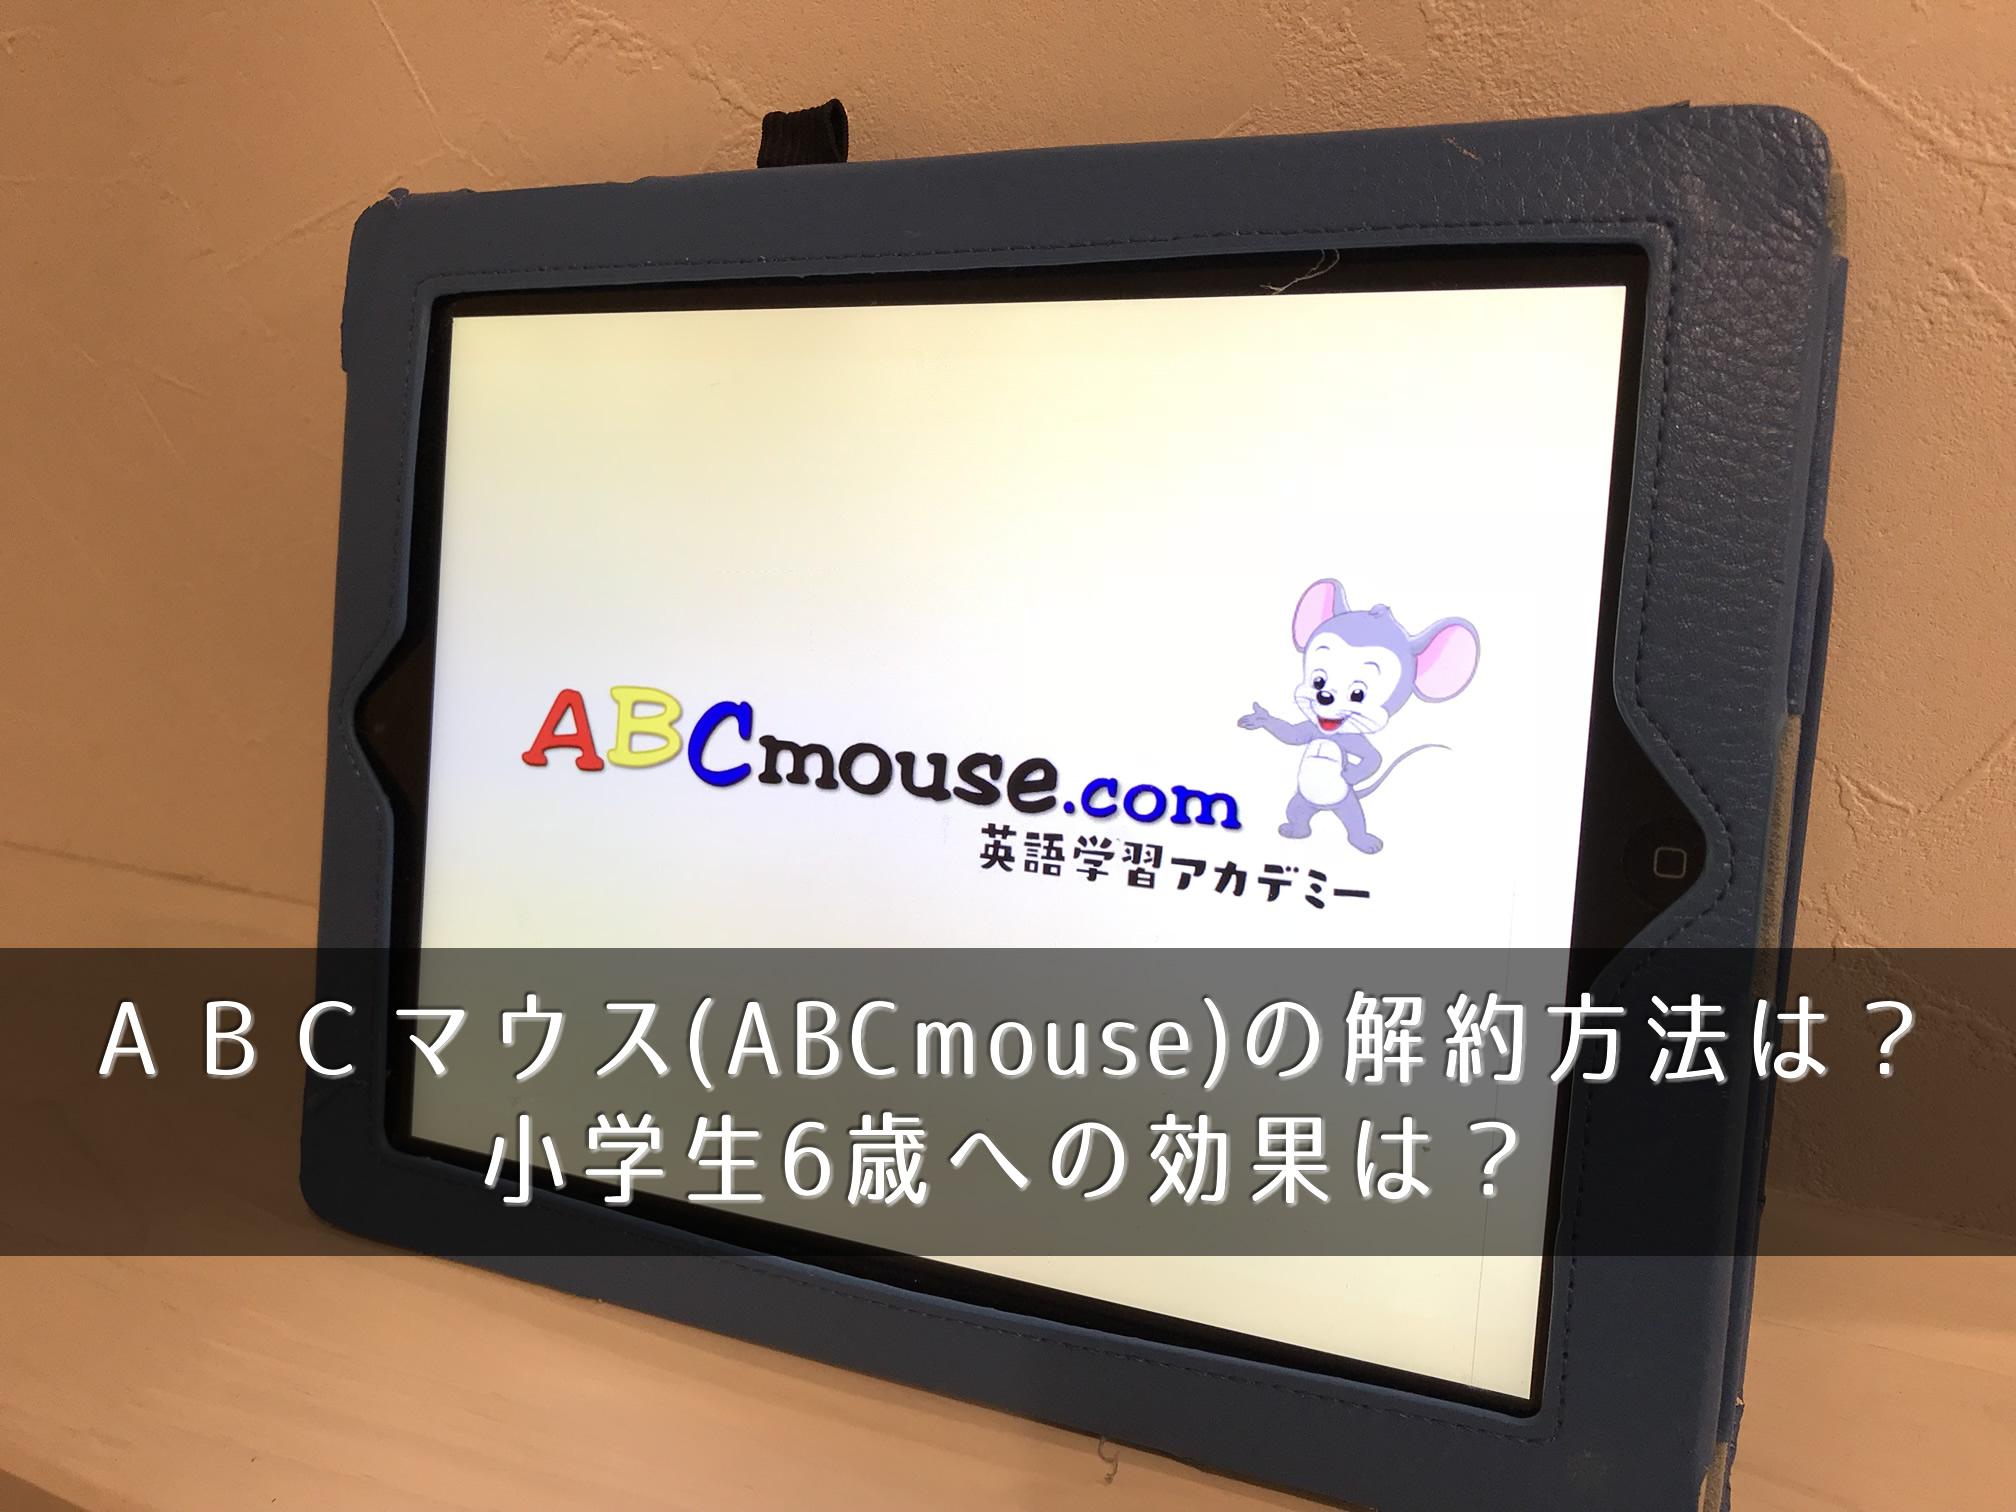 ABCマウス(ABCmouse)の解約方法は?小学生6歳への効果は?